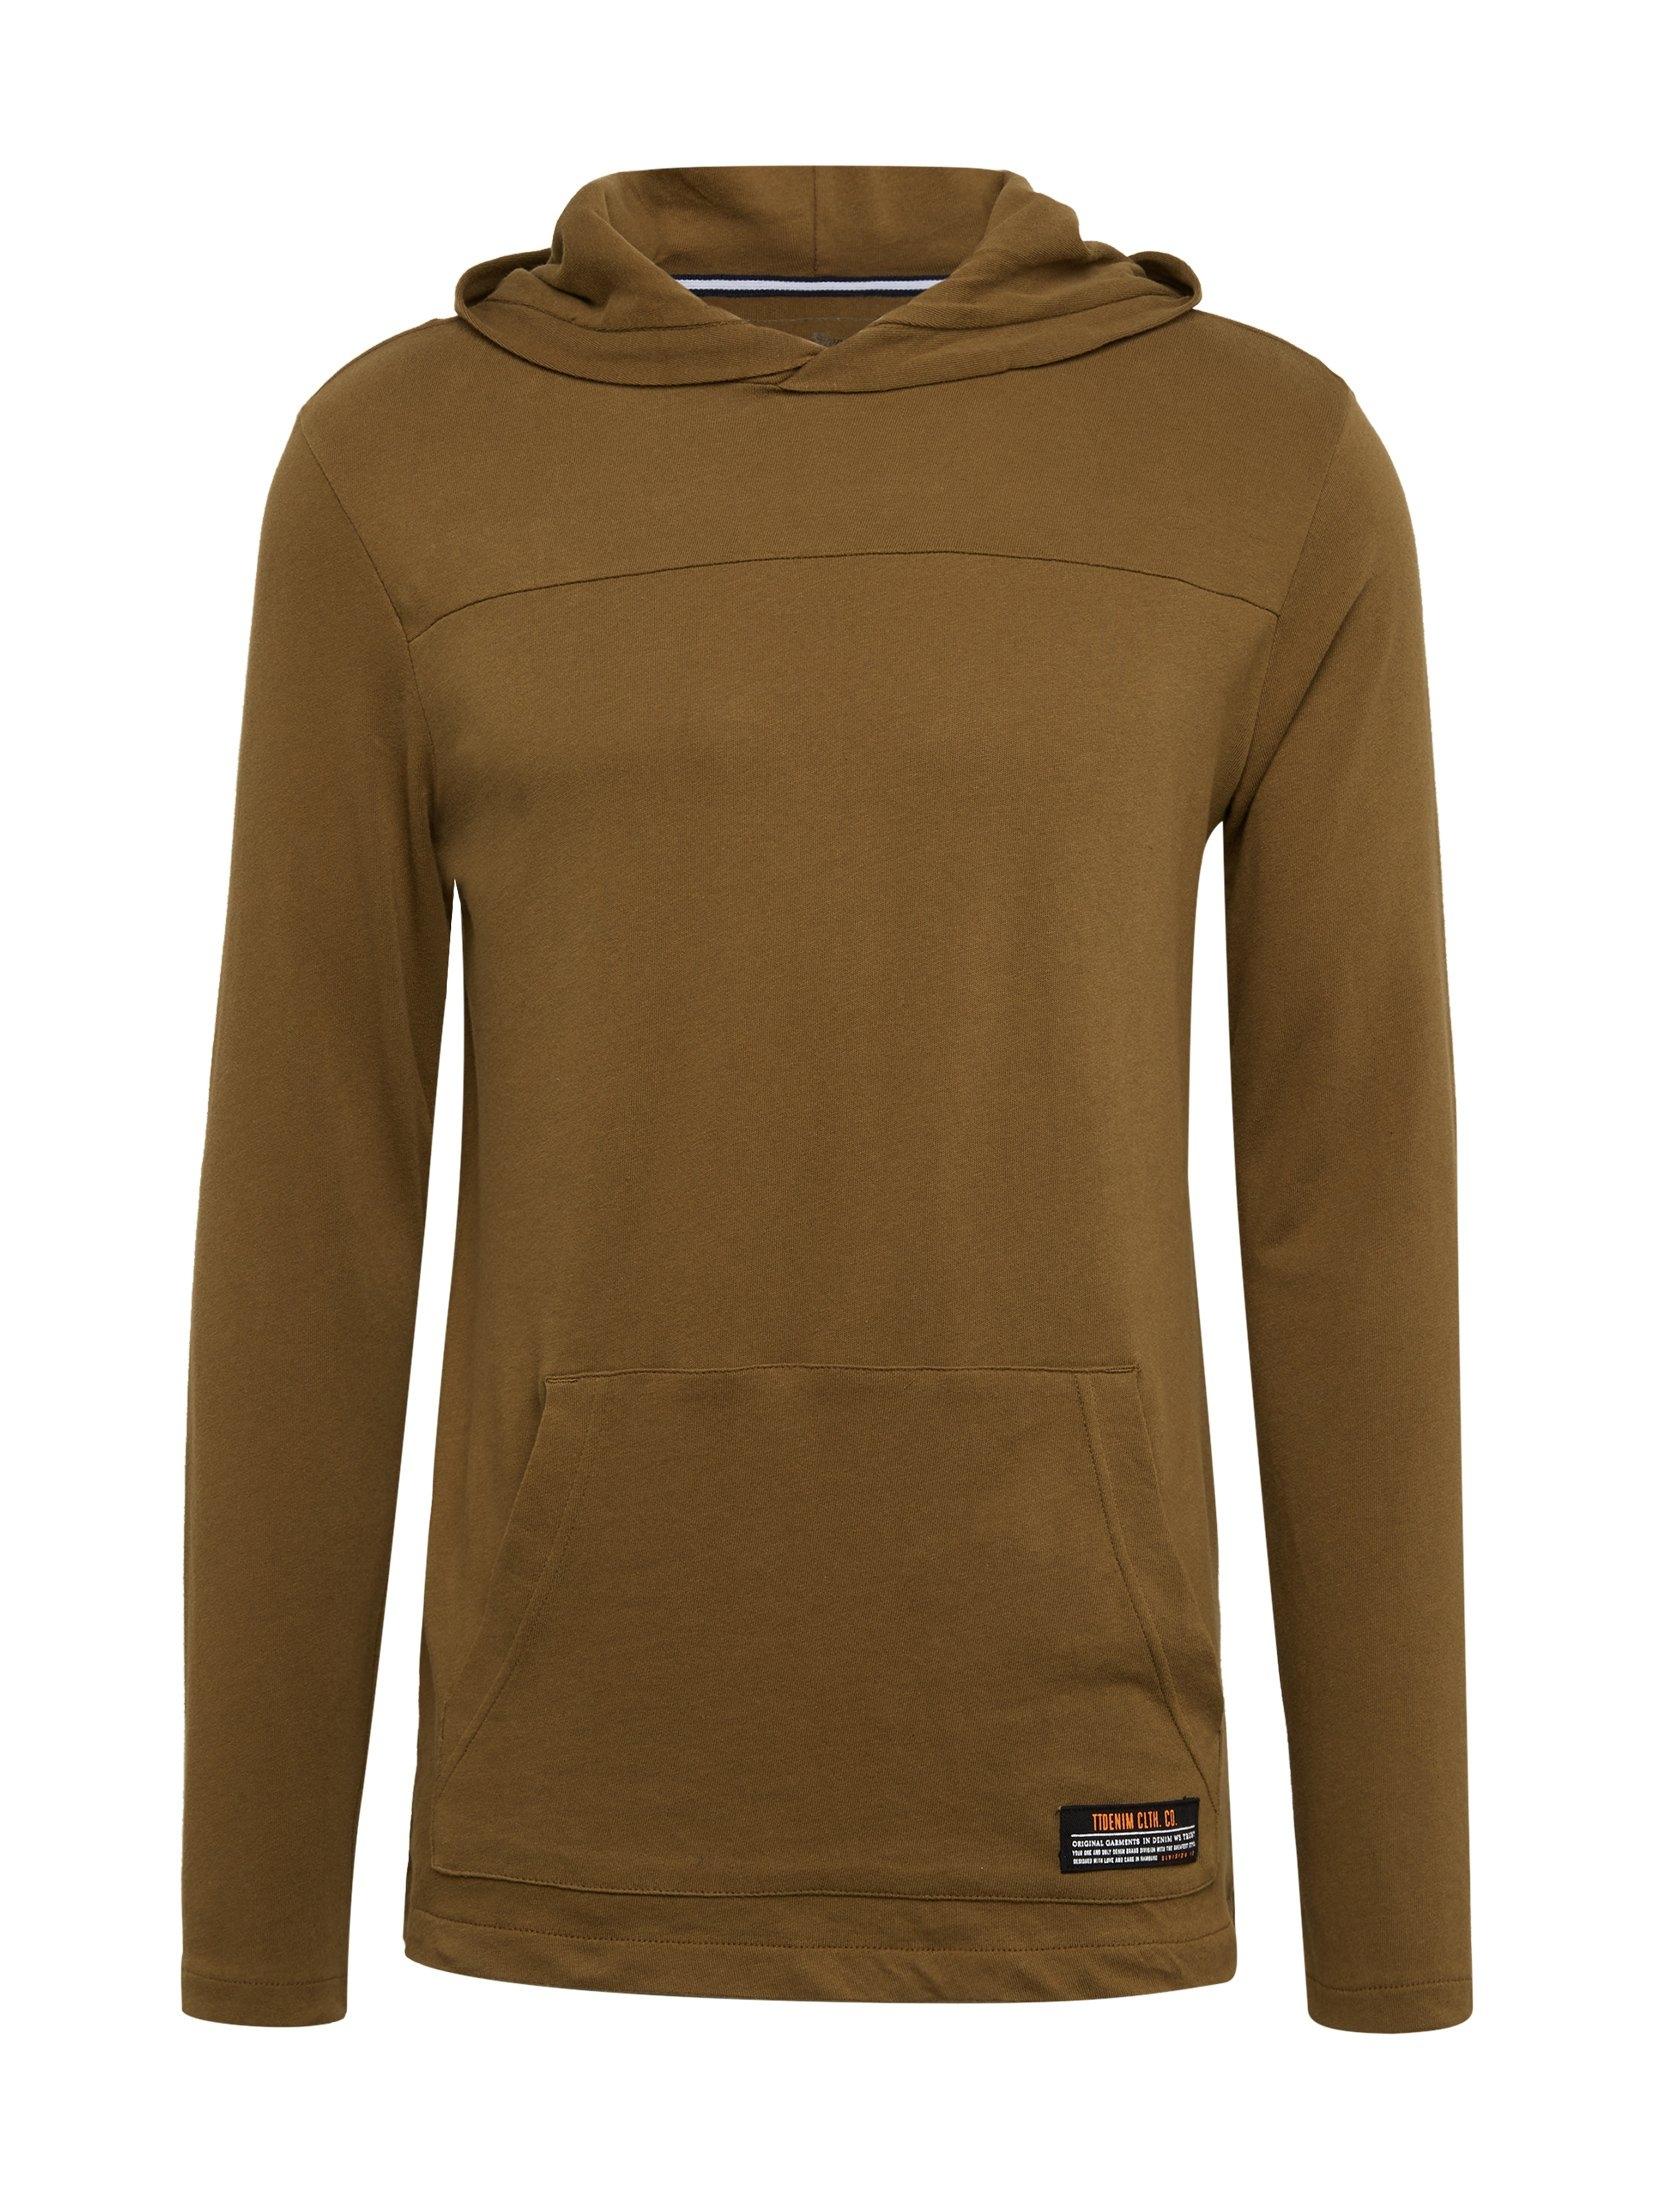 Shirt Met Mouwenhoodie Kangoeroezak Tom Tailor Denim Gekocht Makkelijk Lange hQsrxtCd